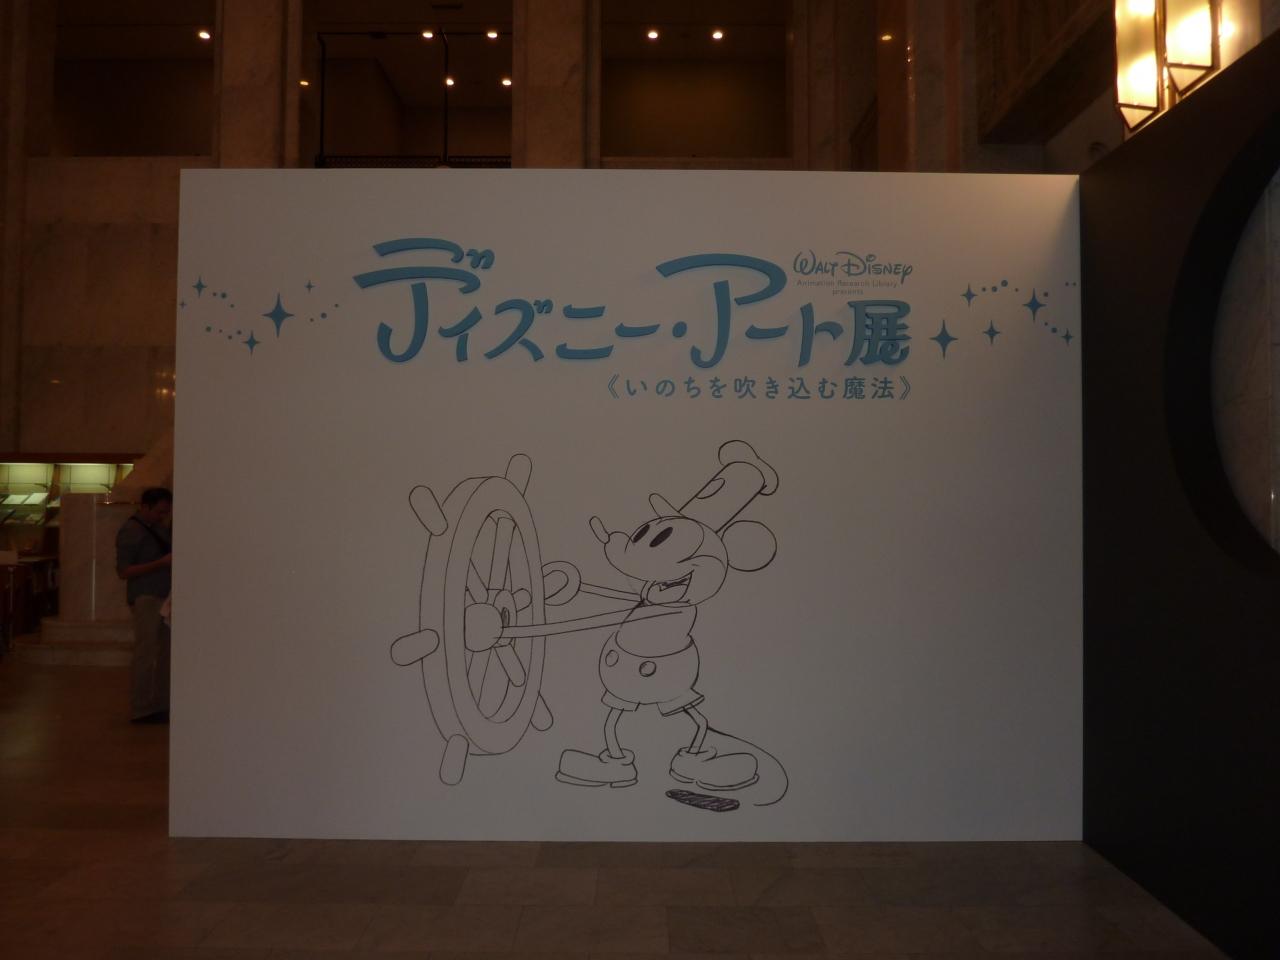 0円旅行記第2弾】大阪市立美術館で開催中の「ディズニー・アート展